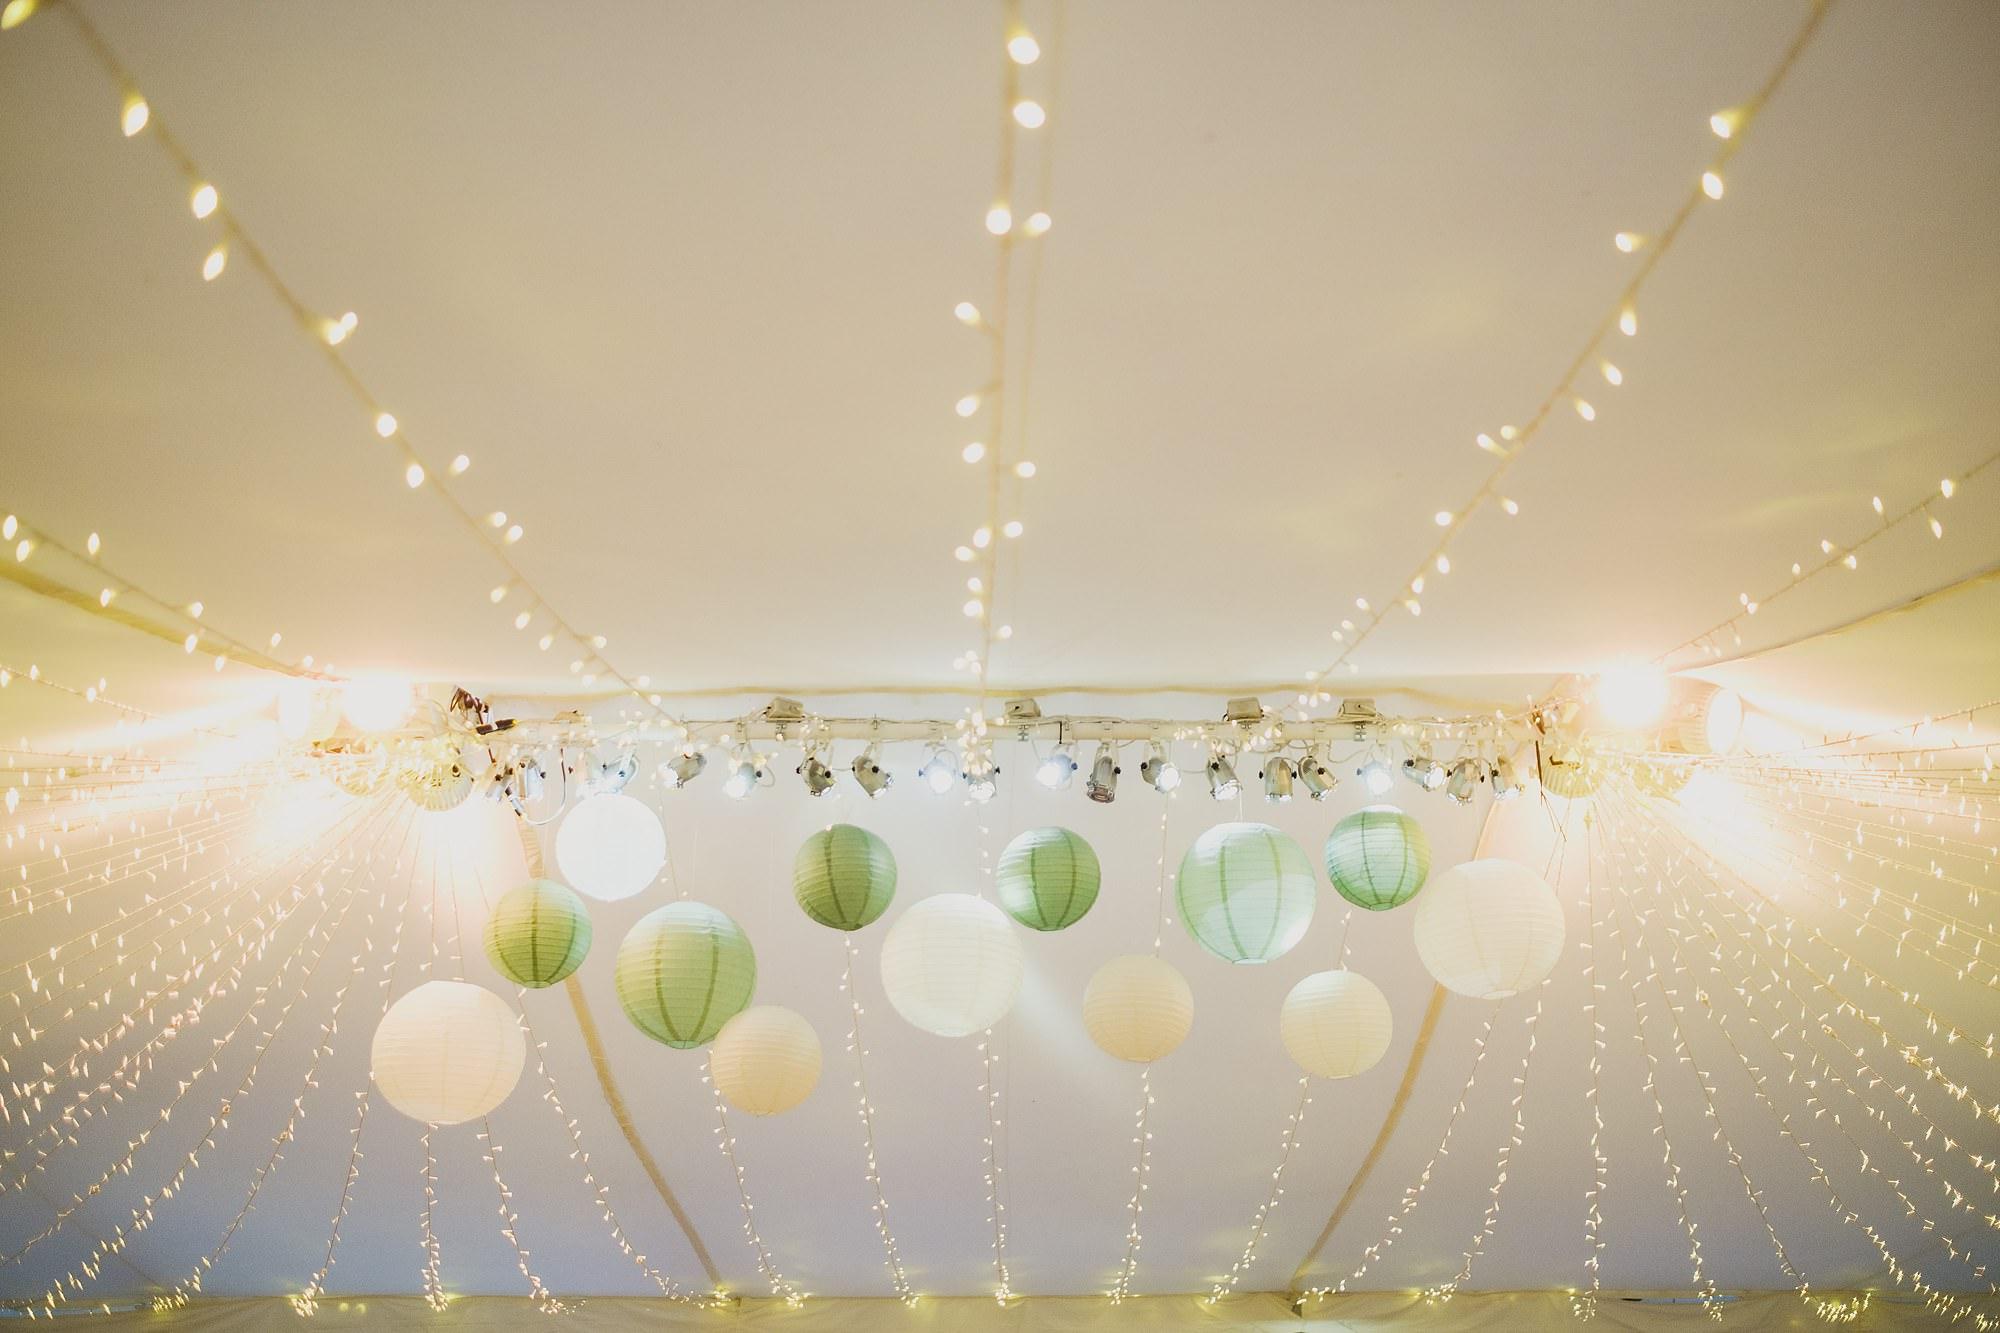 fulham palace wedding photographer ok 074 - Olivia + Kyle